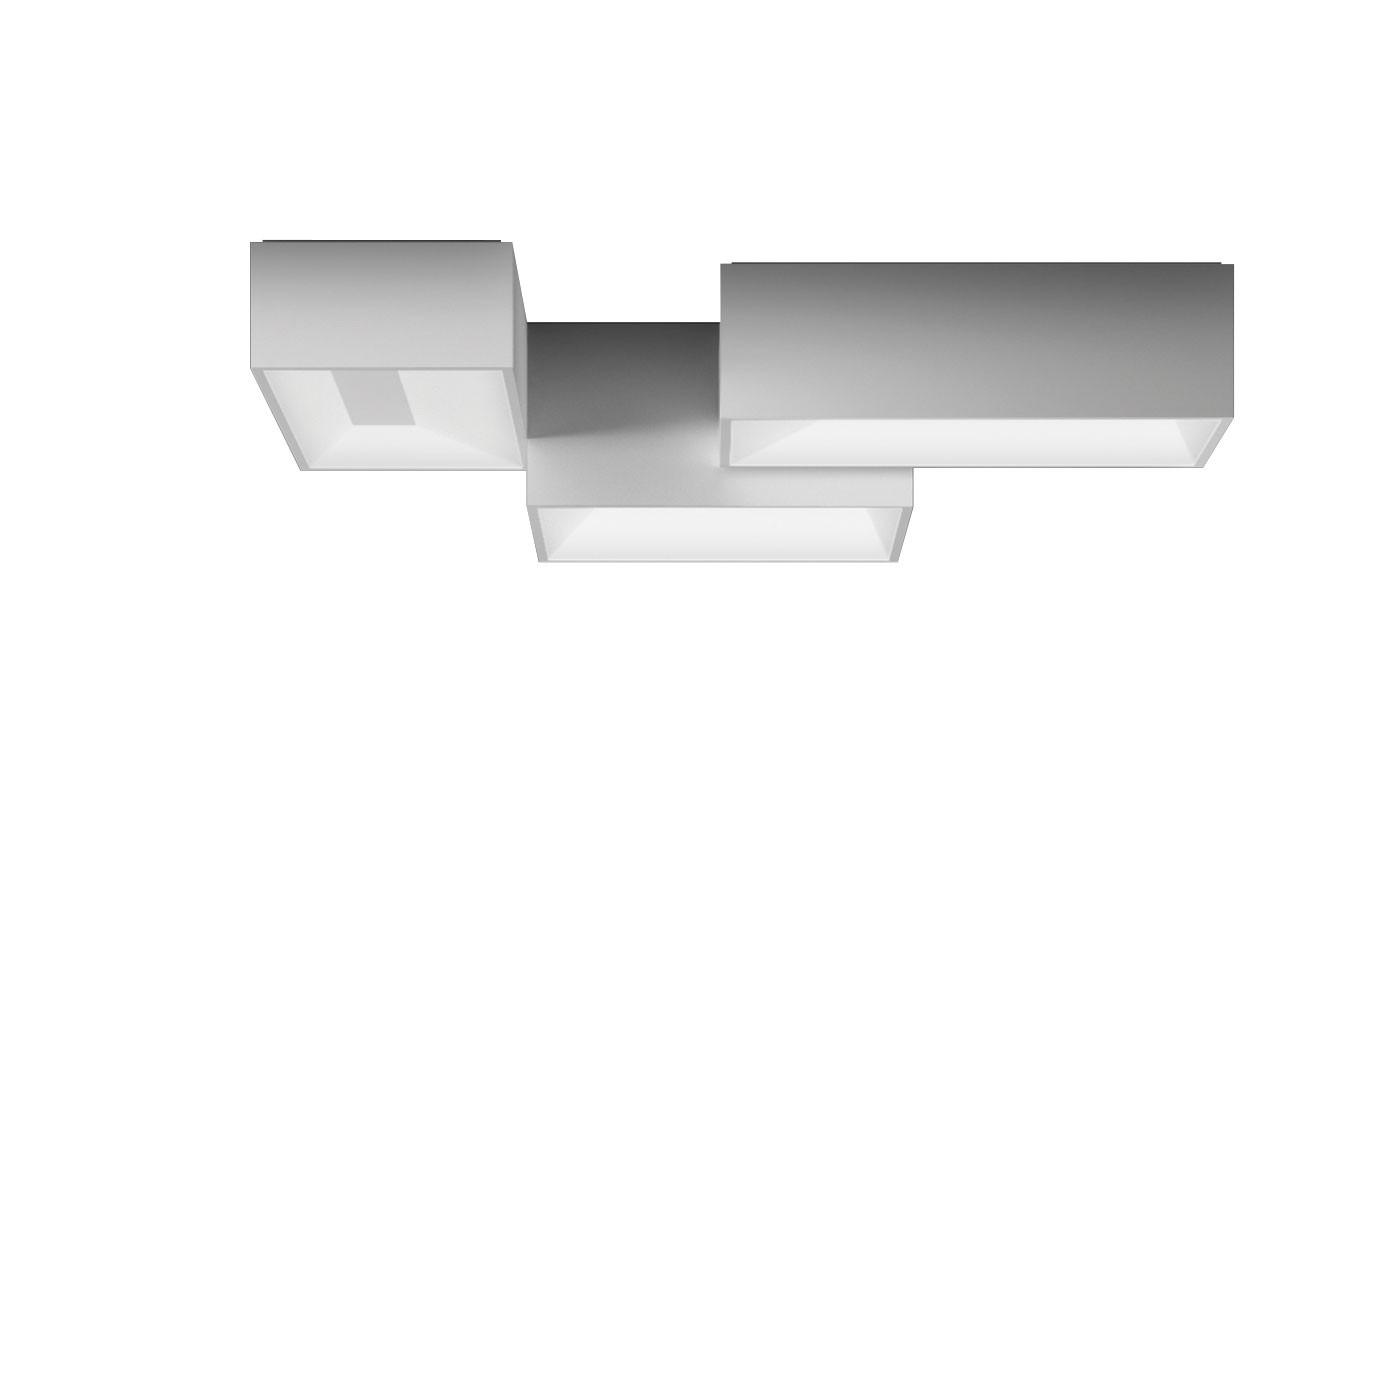 Vibia Link 5388 Deckenleuchte